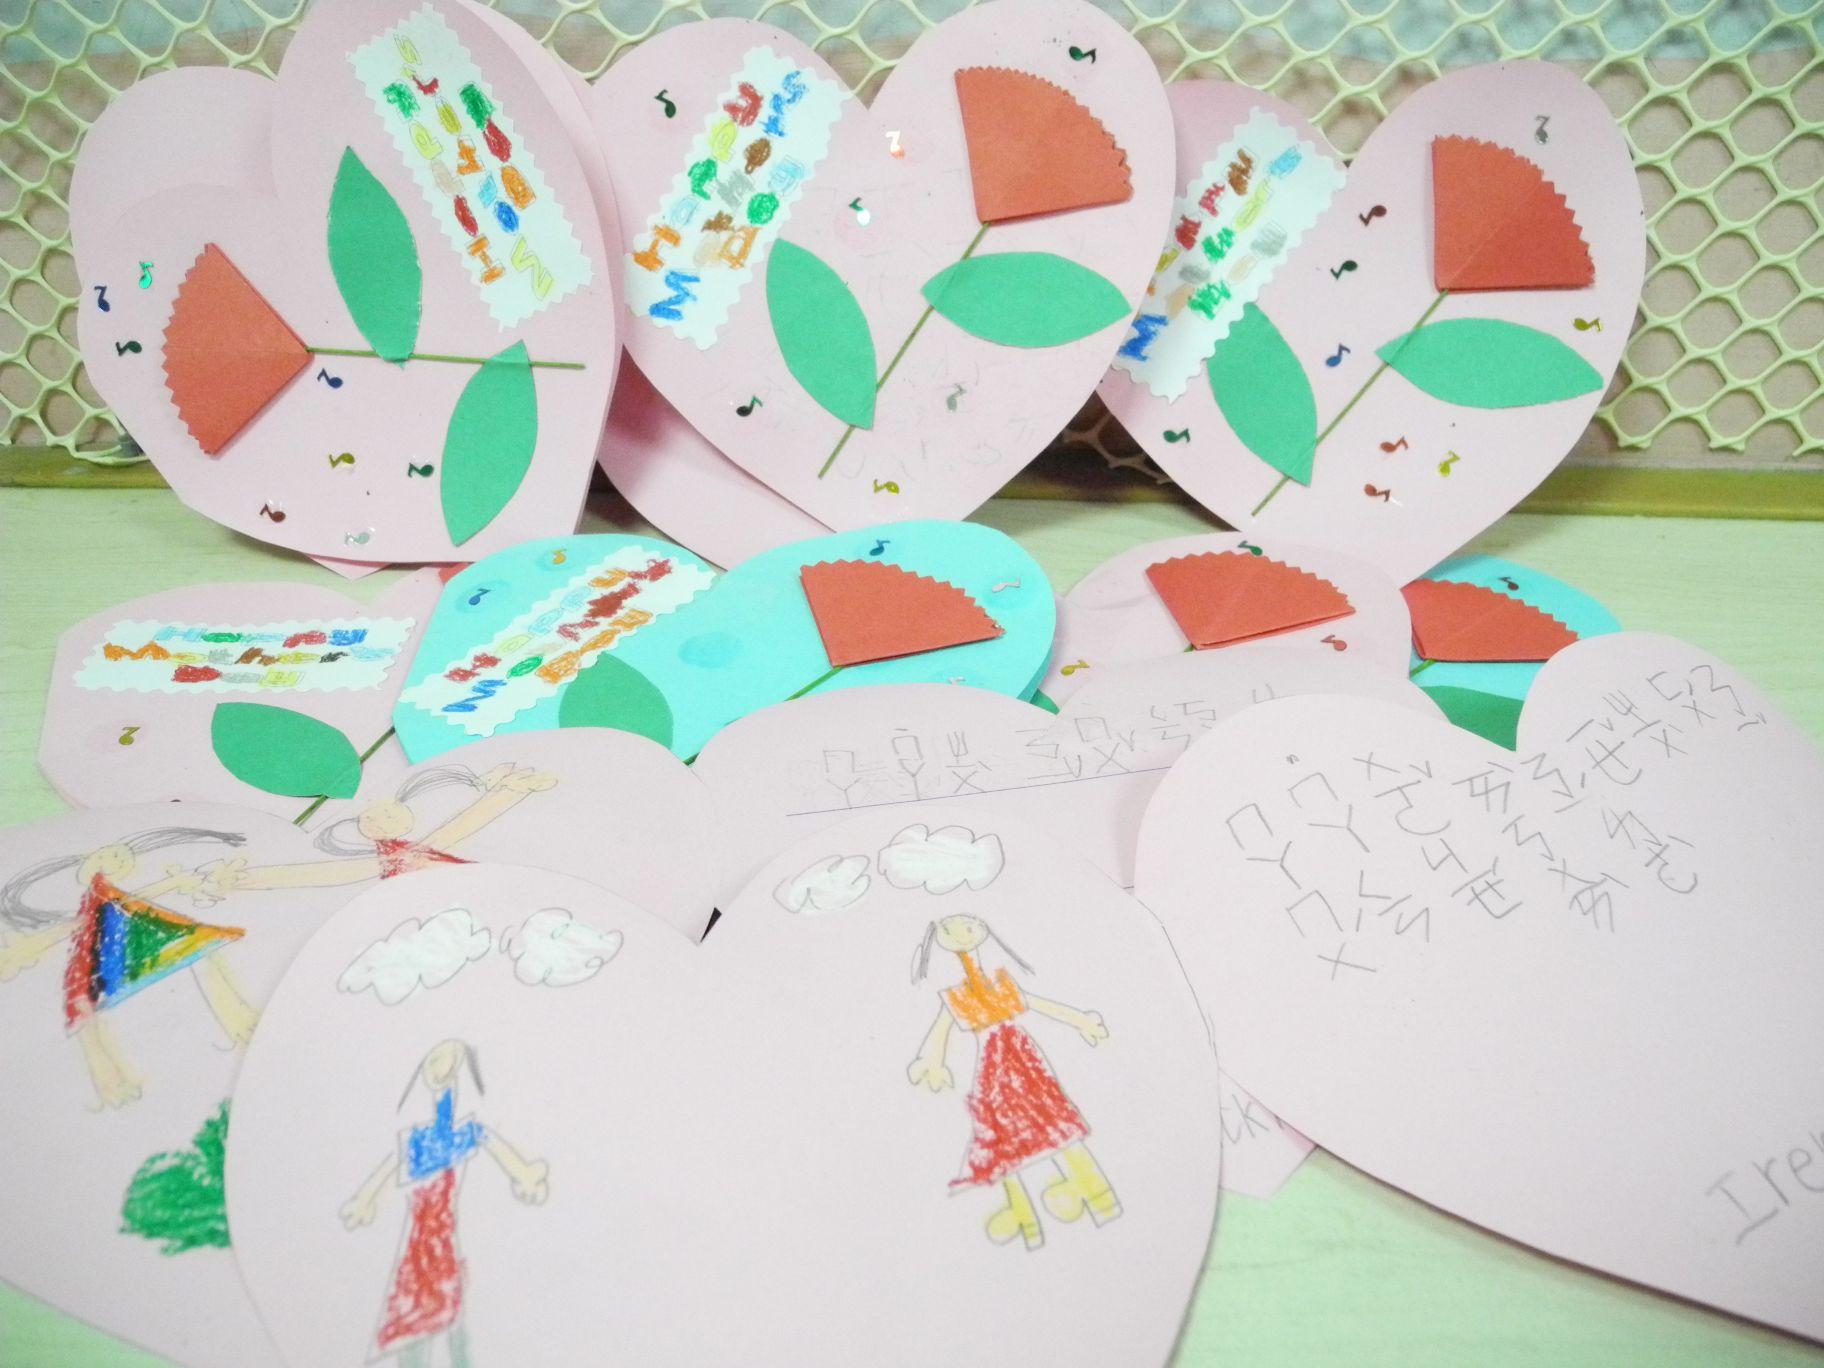 惠文儿童领袖幼儿园~2013母亲节爱的礼物大献礼